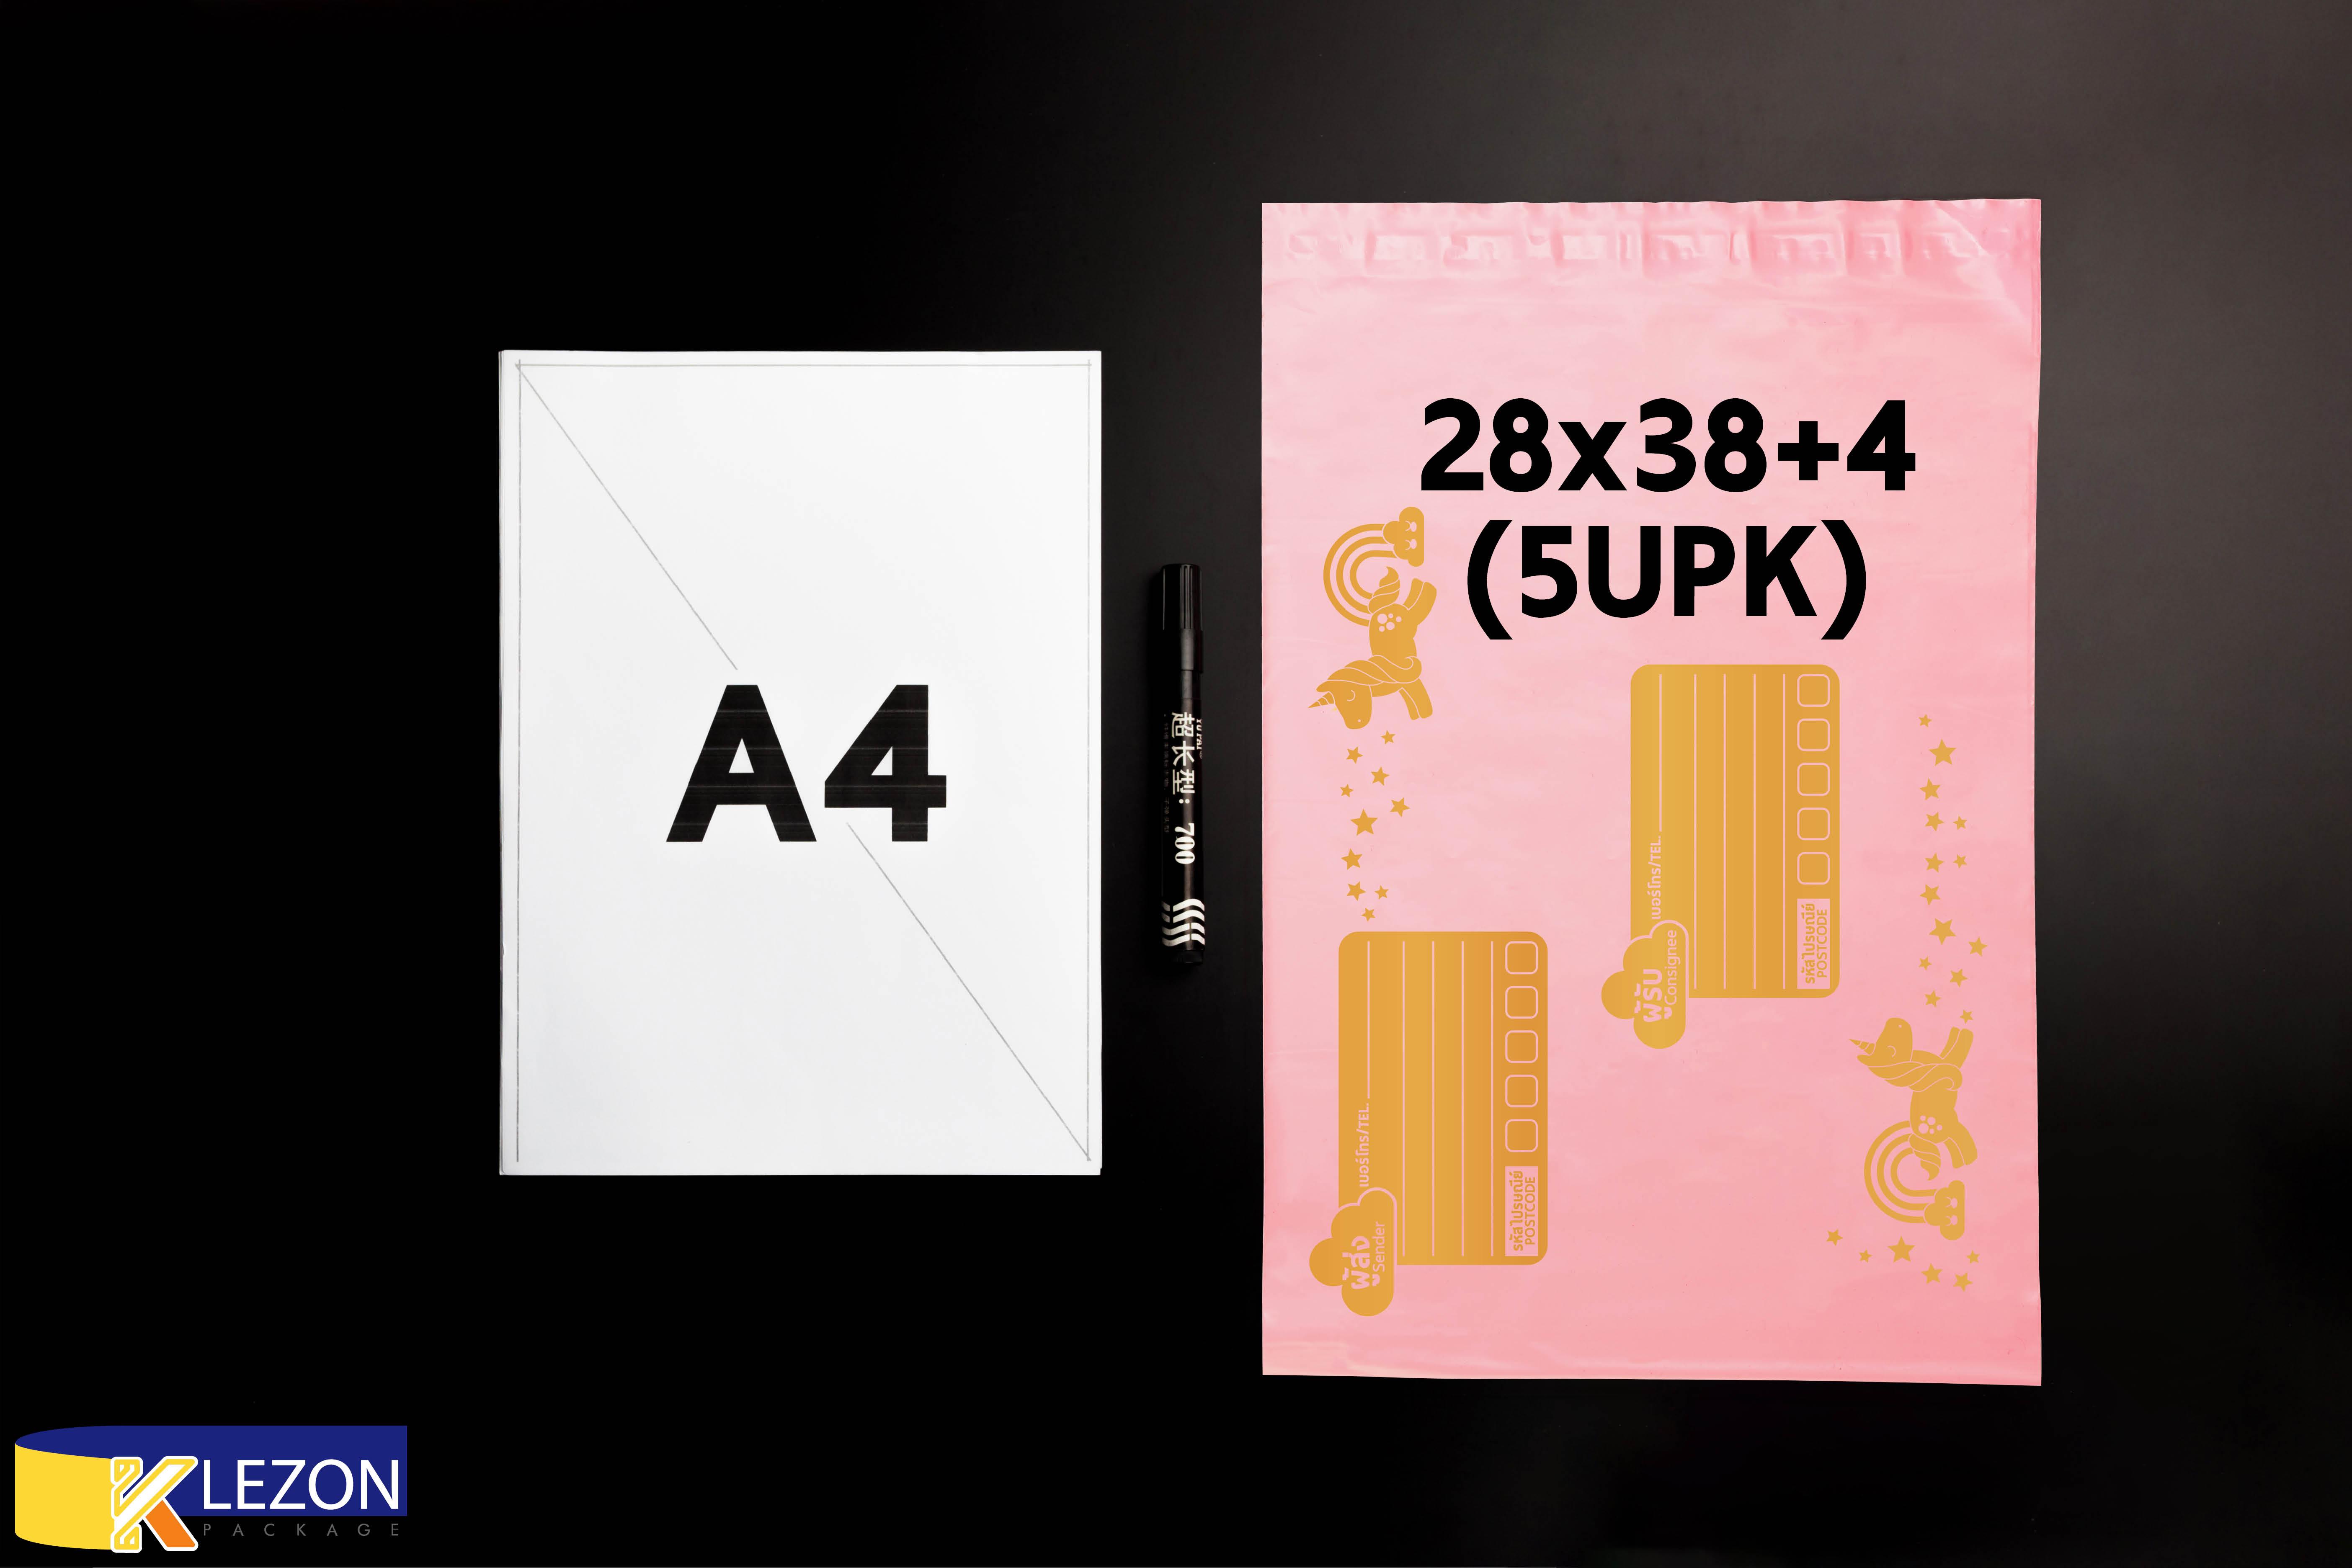 (50ซอง) สีชมพูจ่าหน้าซอง ซองไปรษณีย์พลาสติก ขนาด 28x38+4 cm